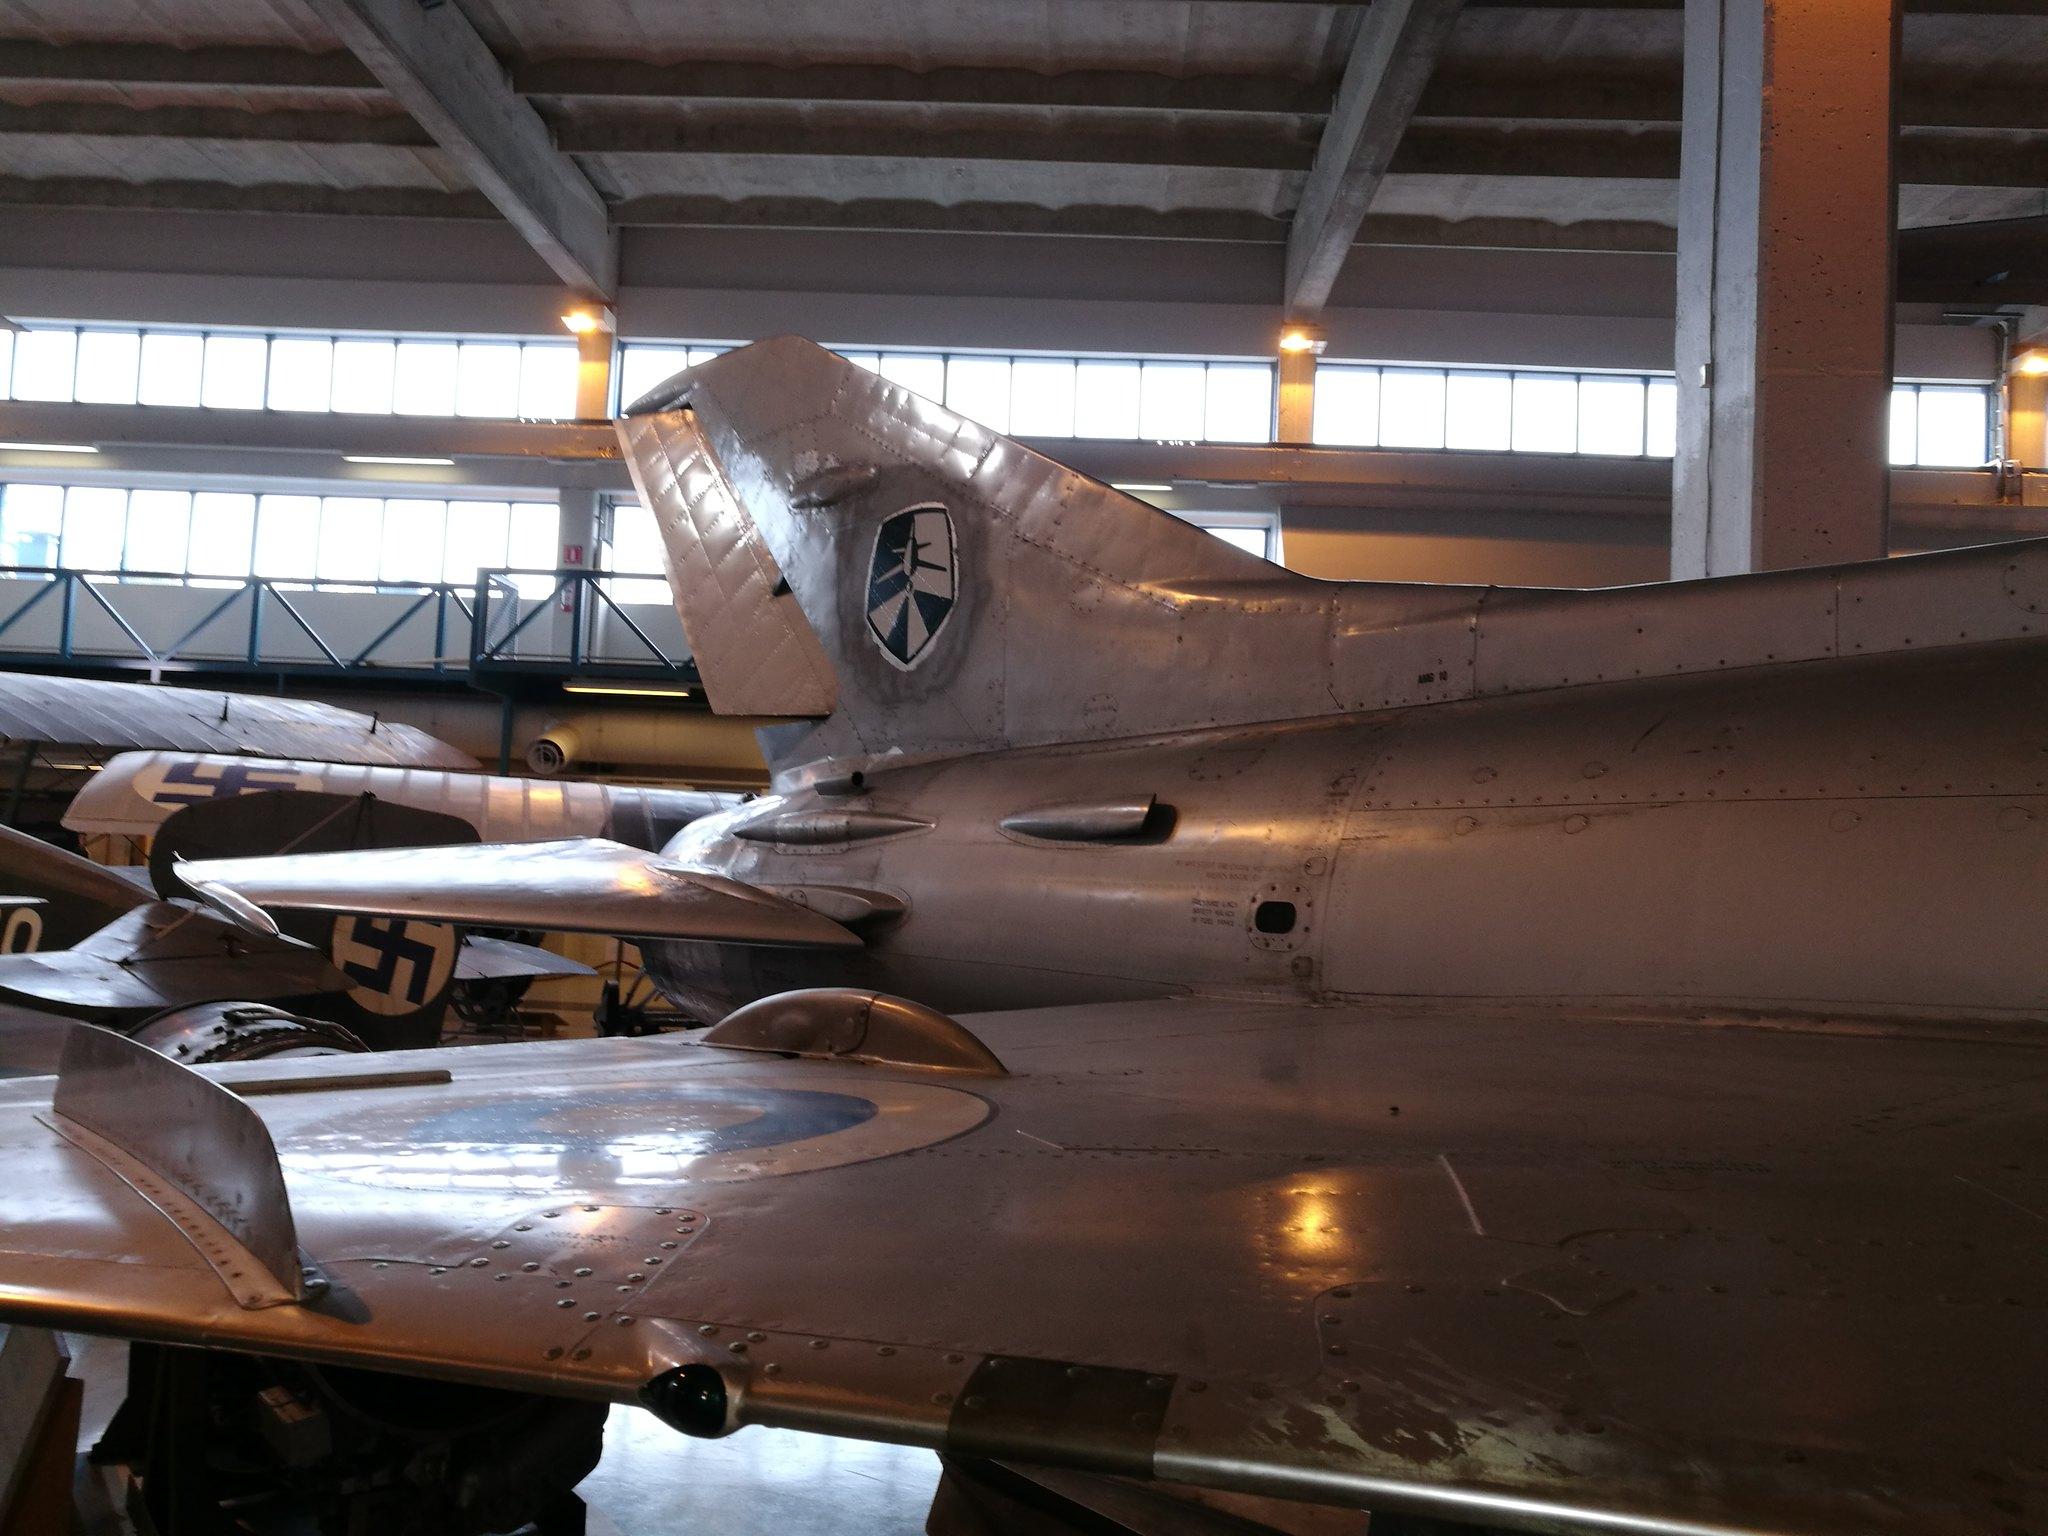 Hemkommen från semester i Finland med utflykt till Finlands Flygvapenmuseum. 48287369956_c71919fcba_k